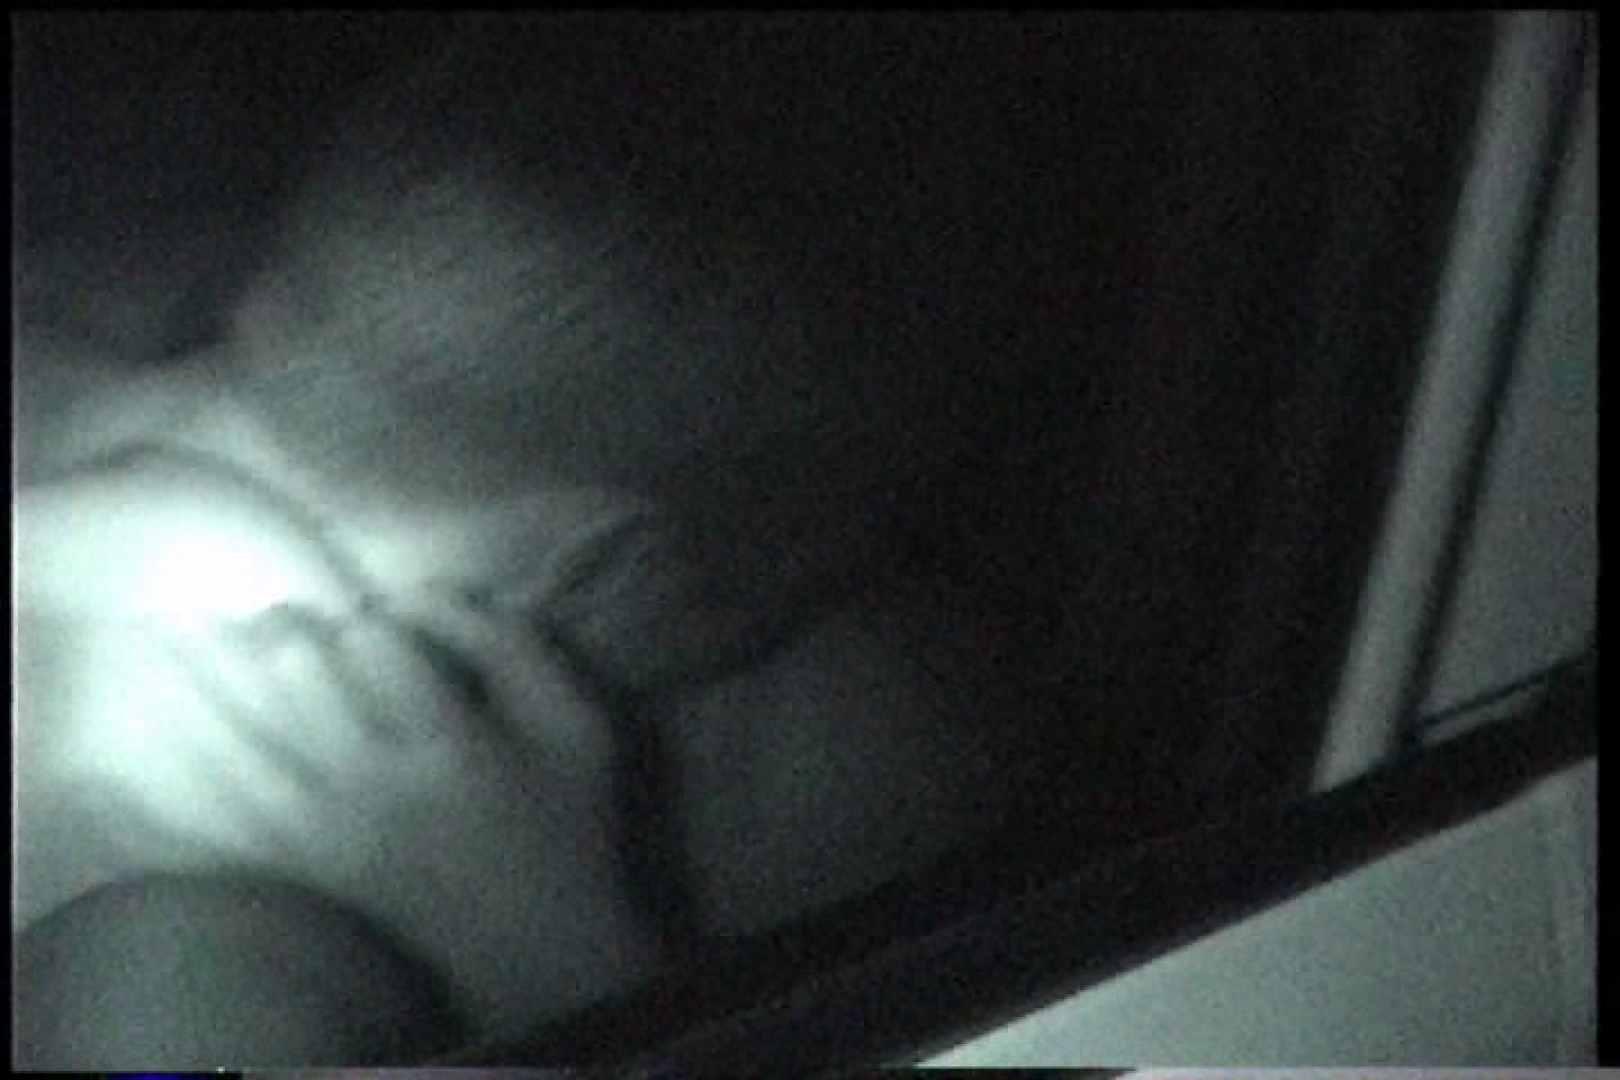 充血監督の深夜の運動会Vol.240 OLエロ画像  62PICs 32